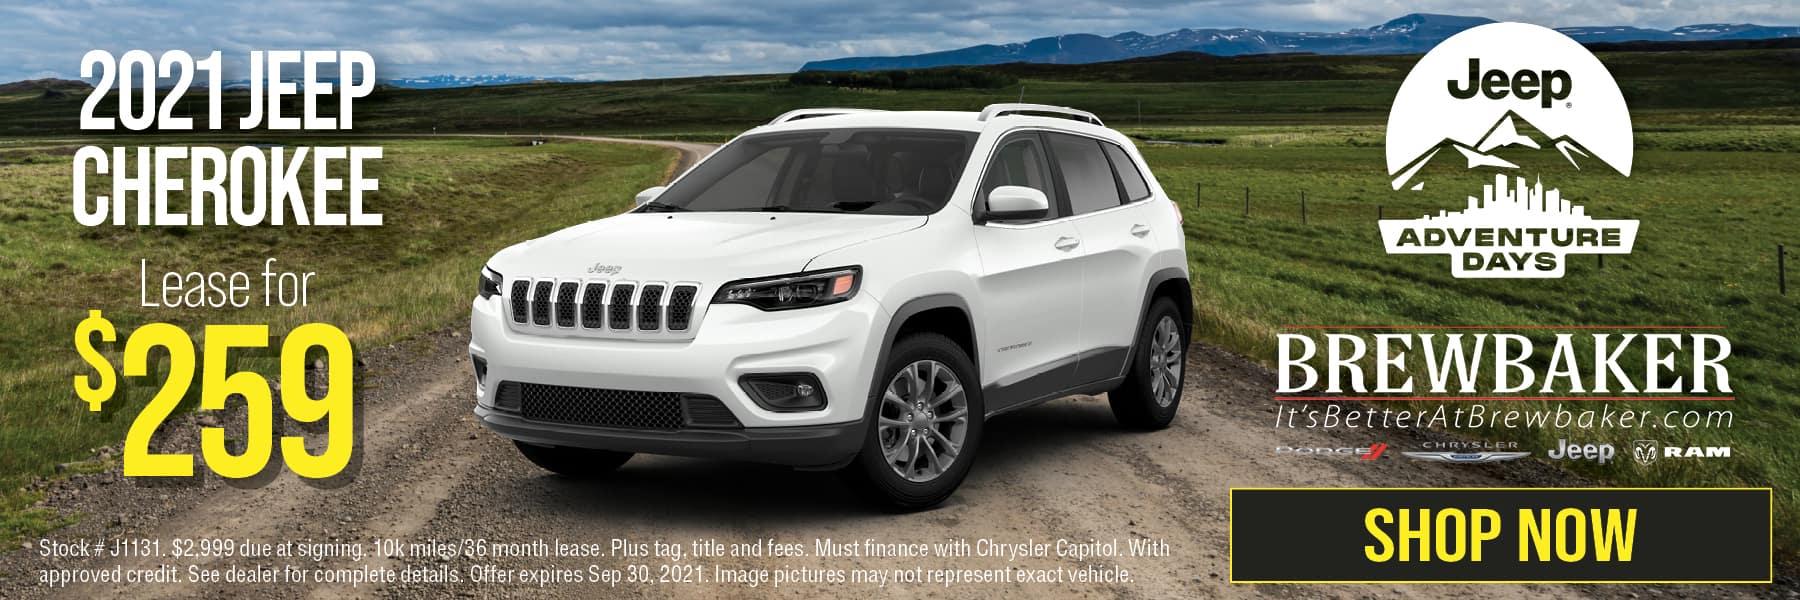 Jeep_Cherokee_Sep_1800x600